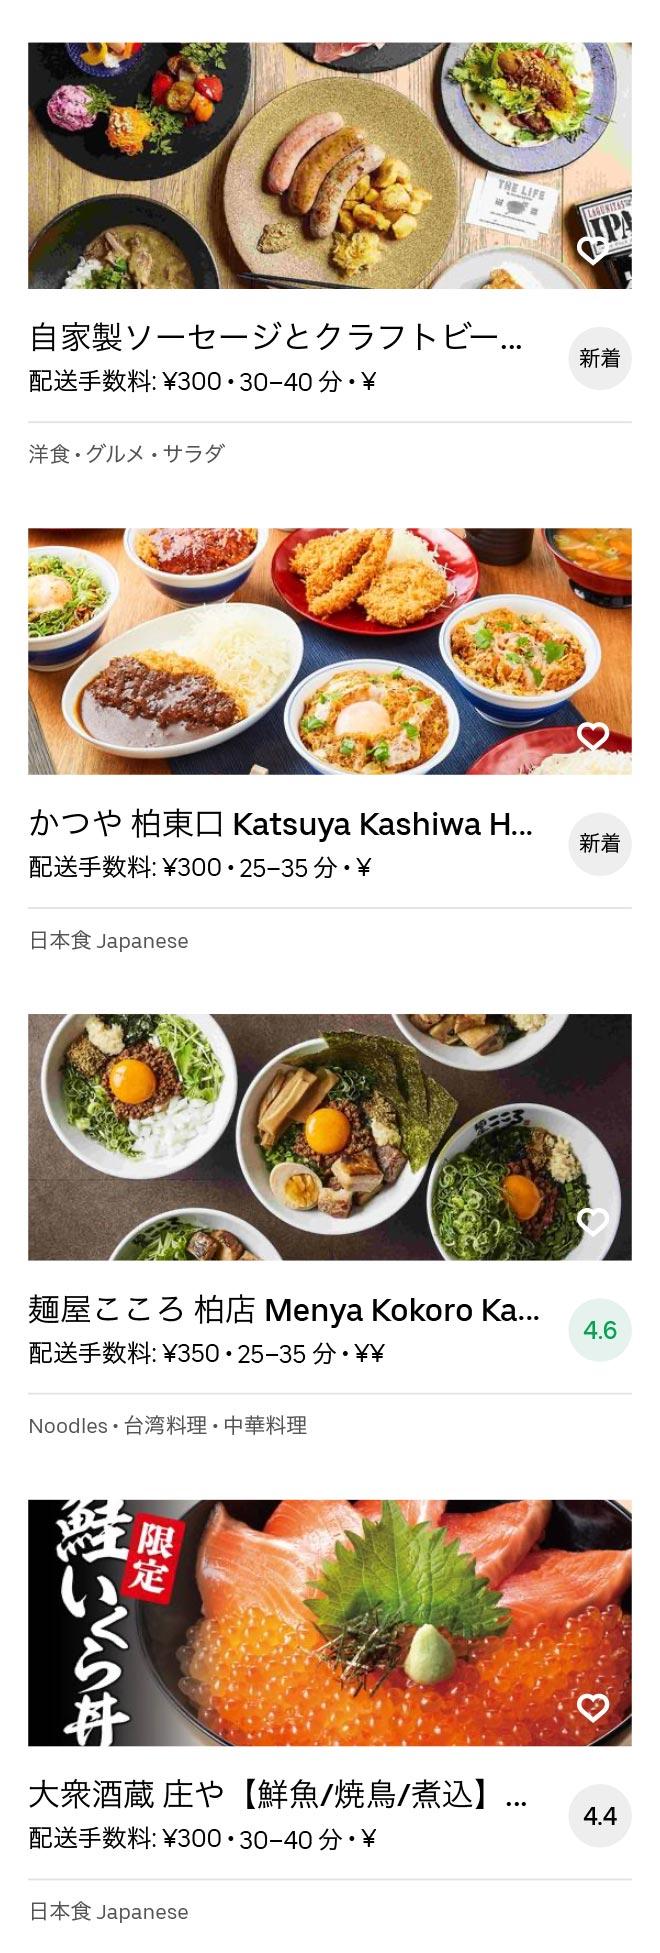 Minami kashiwa menu 2007 04